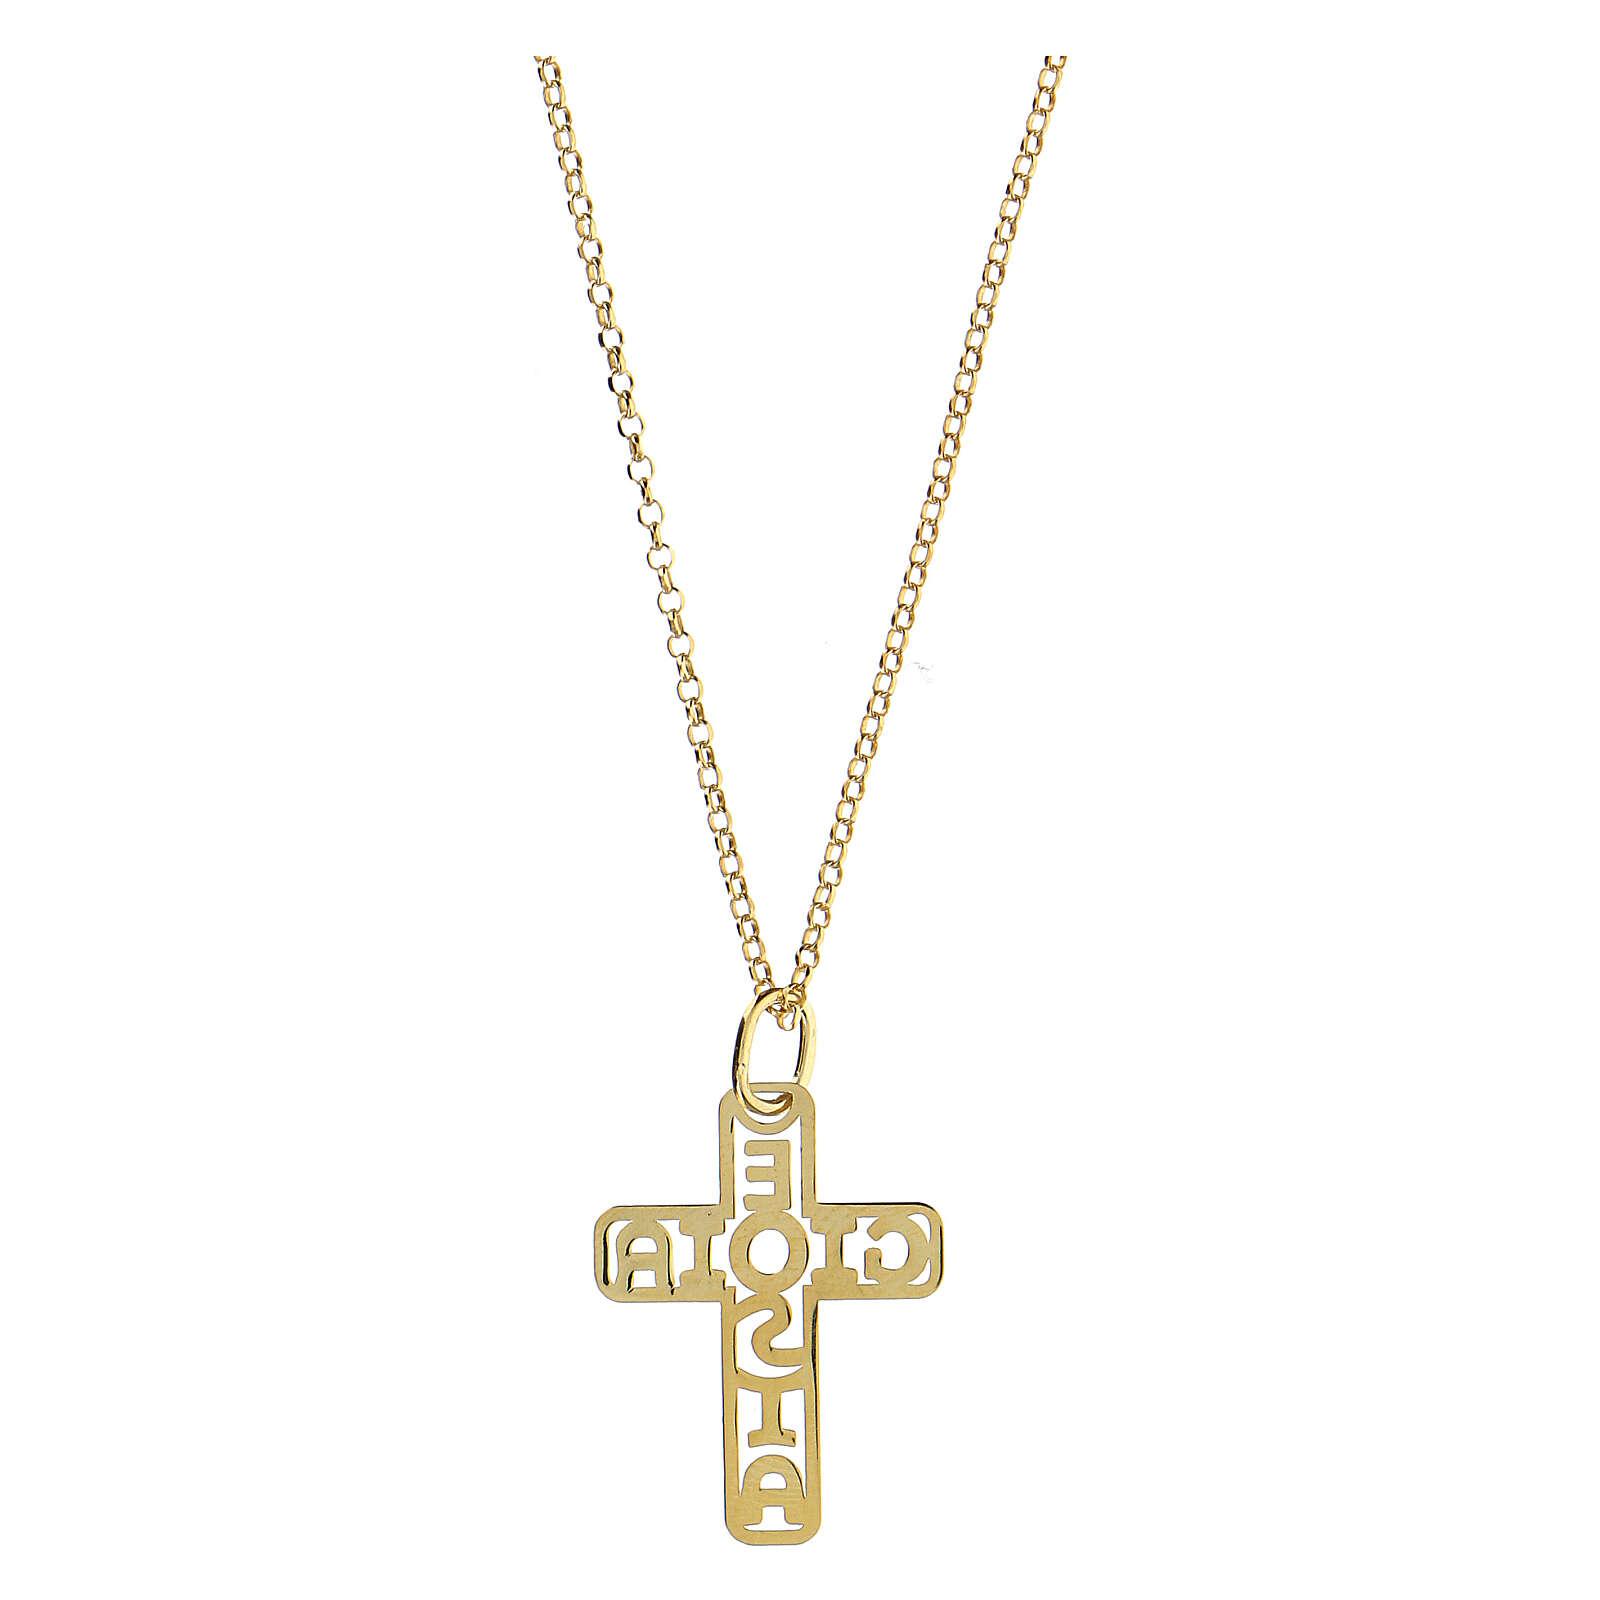 Cruz plata 925 dorada E Gioia Sia fondo perforado grande 4